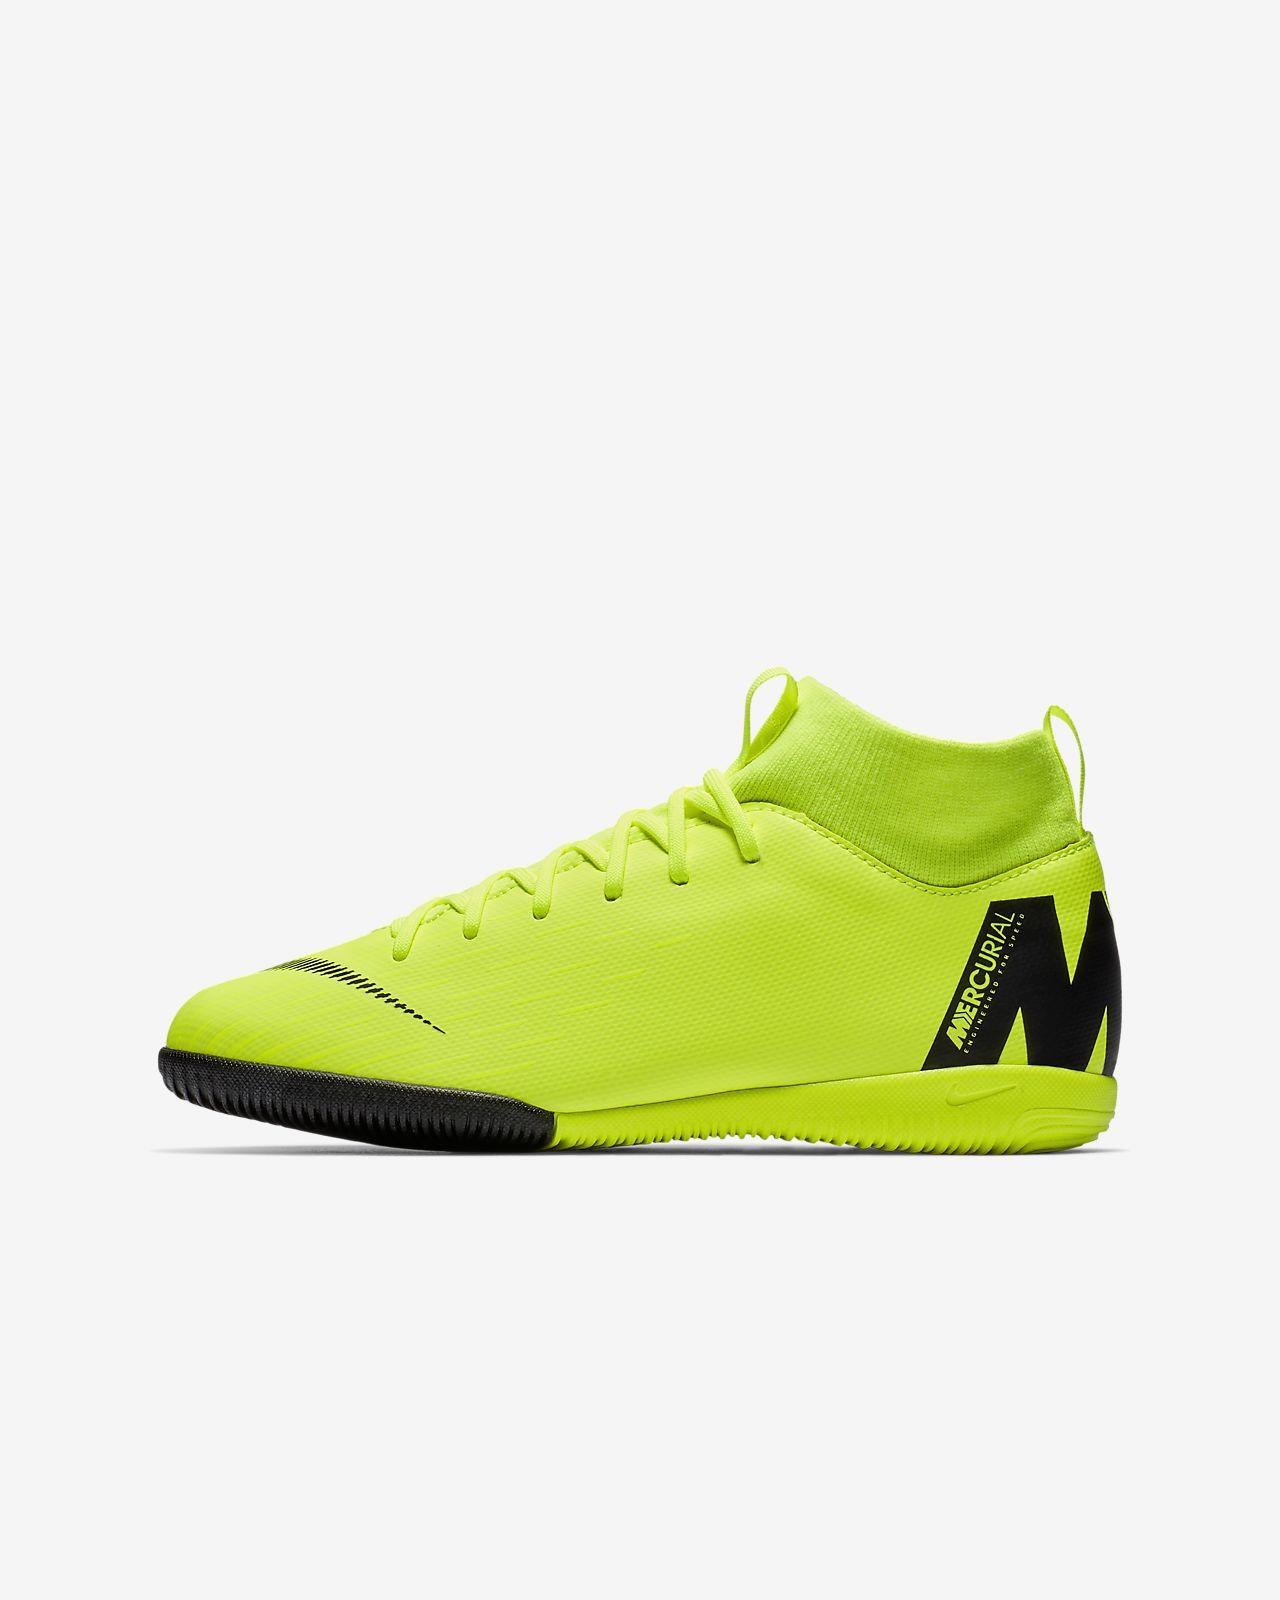 Nike Jr. SuperflyX 6 Academy IC Fußballschuh für Hallen- und Hartplätze für jüngere/ältere Kinder